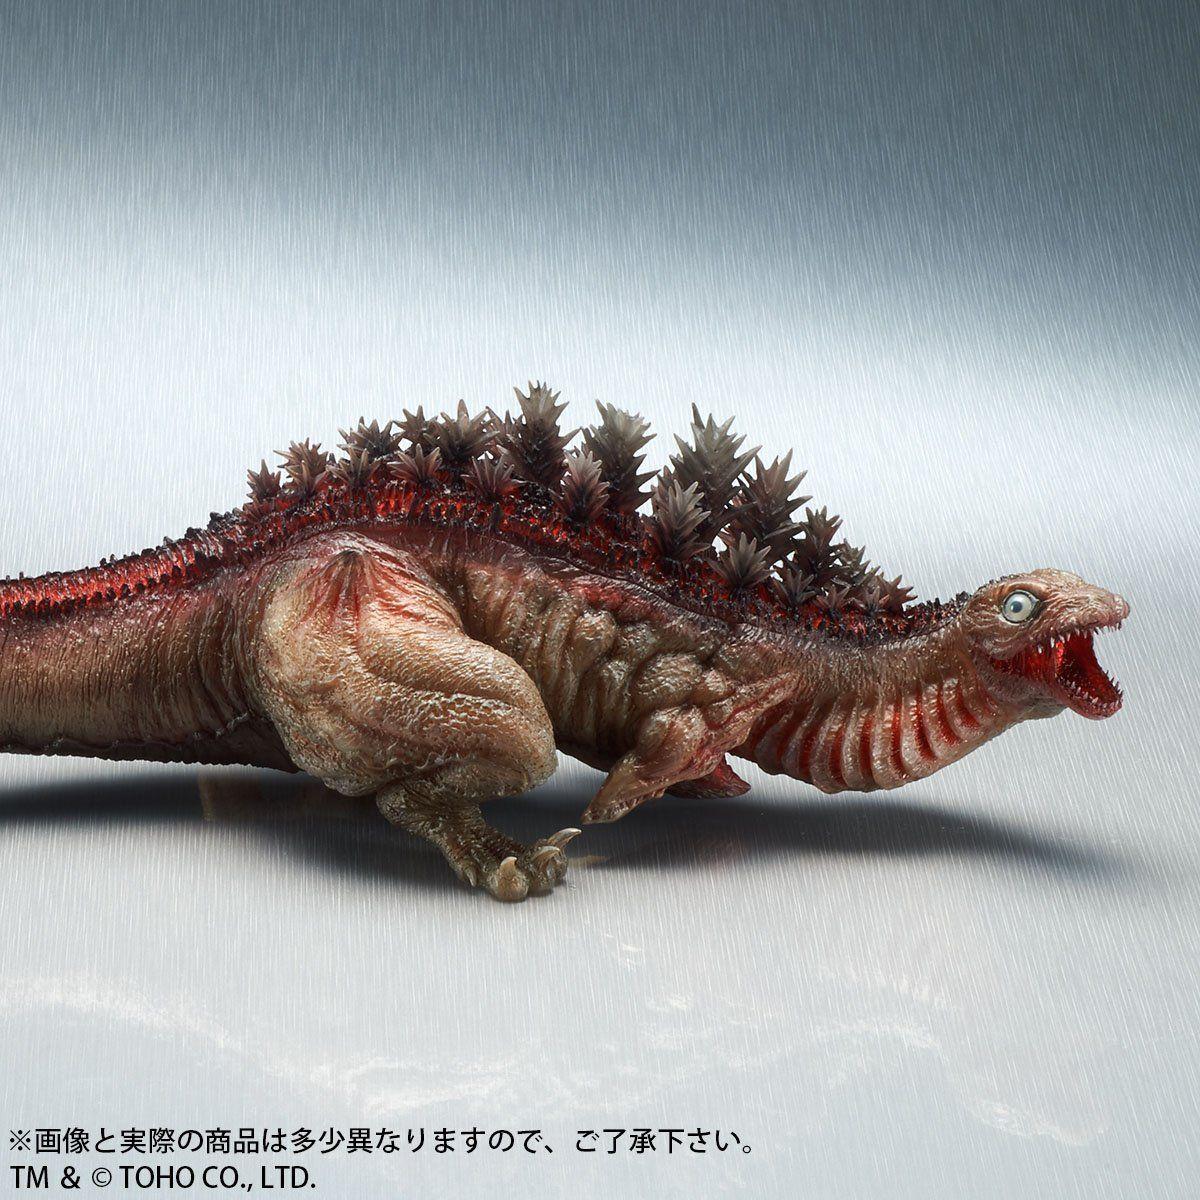 東宝大怪獣シリーズ『ゴジラ(2016)第2形態 クリアVer.』完成品フィギュア-004